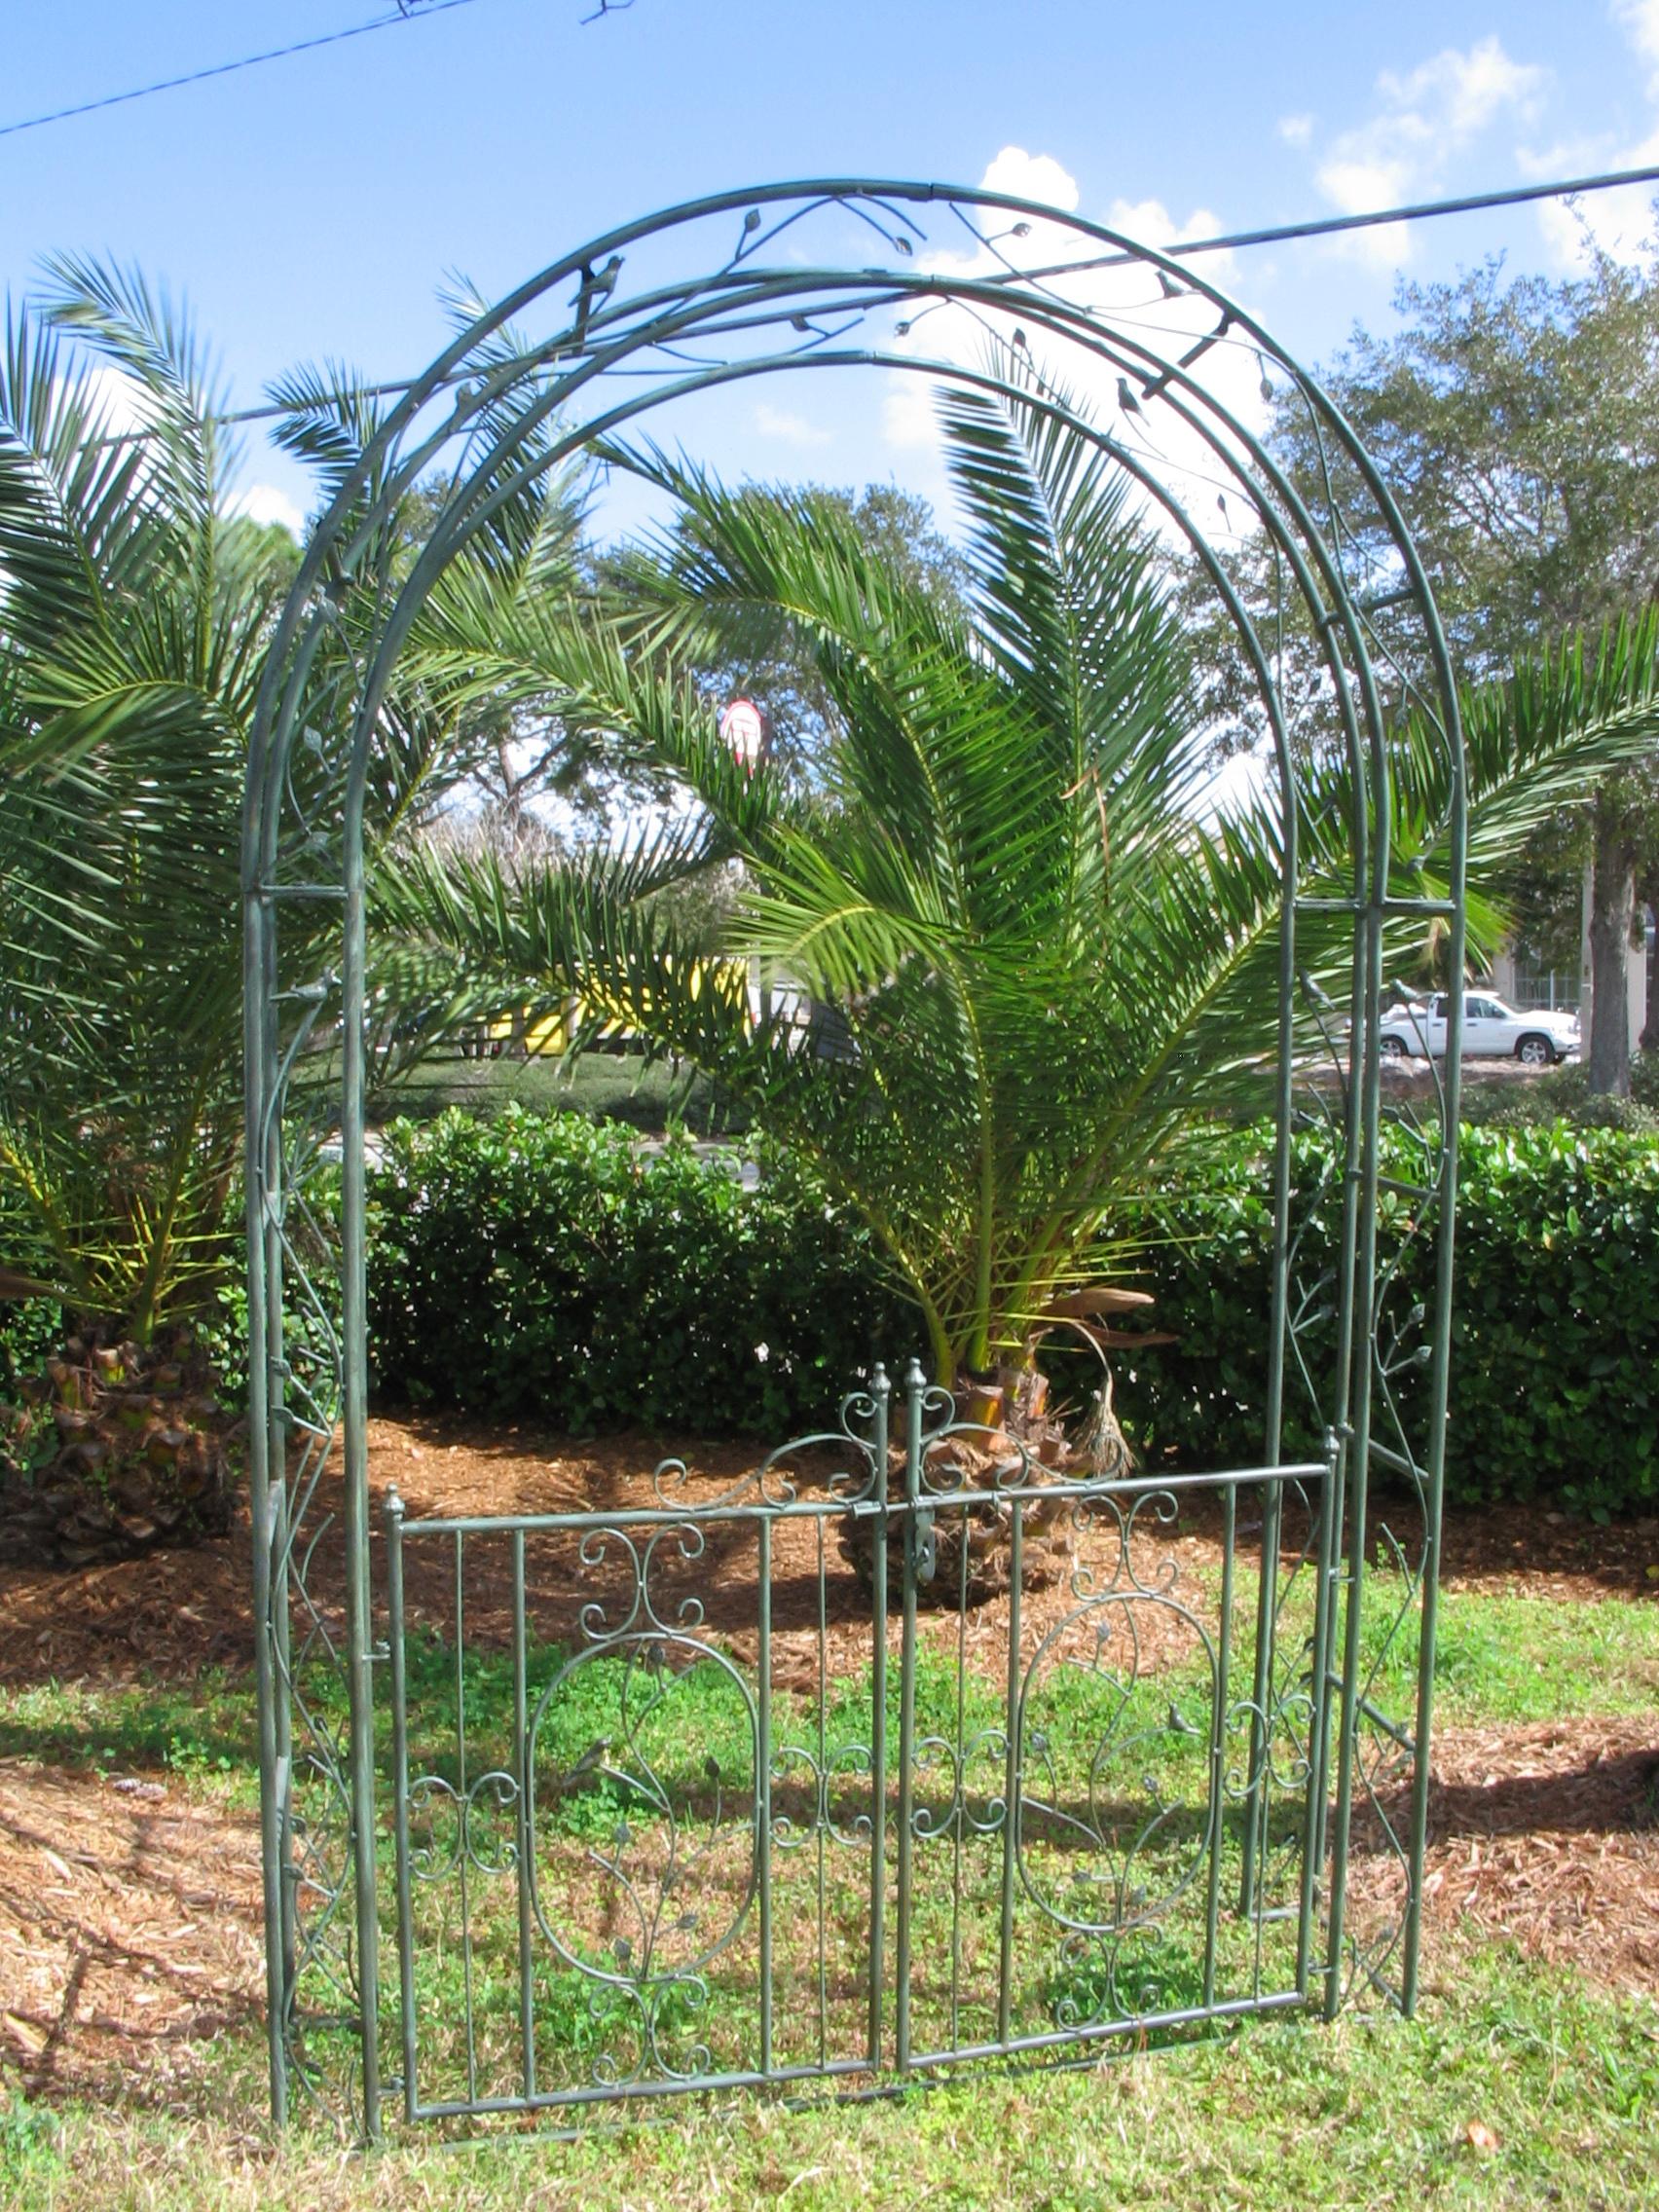 Iron Garden Gate Archway $150